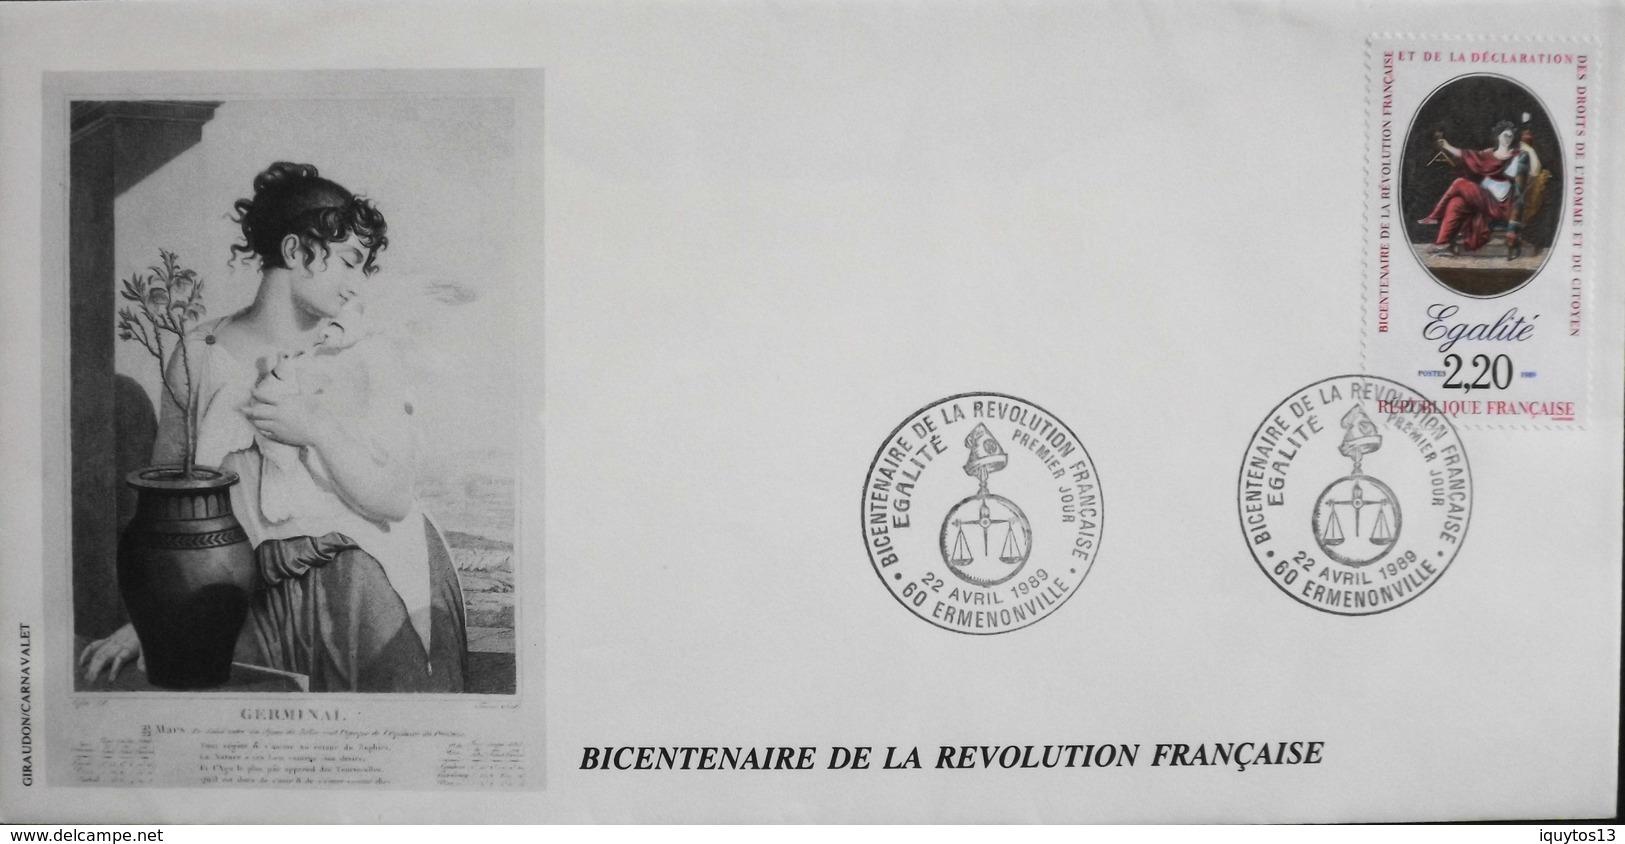 FR. 1989 - Bicentenaire De La Révolution Française - Ermenonville Le 22.4.1989 - En TBE - Révolution Française